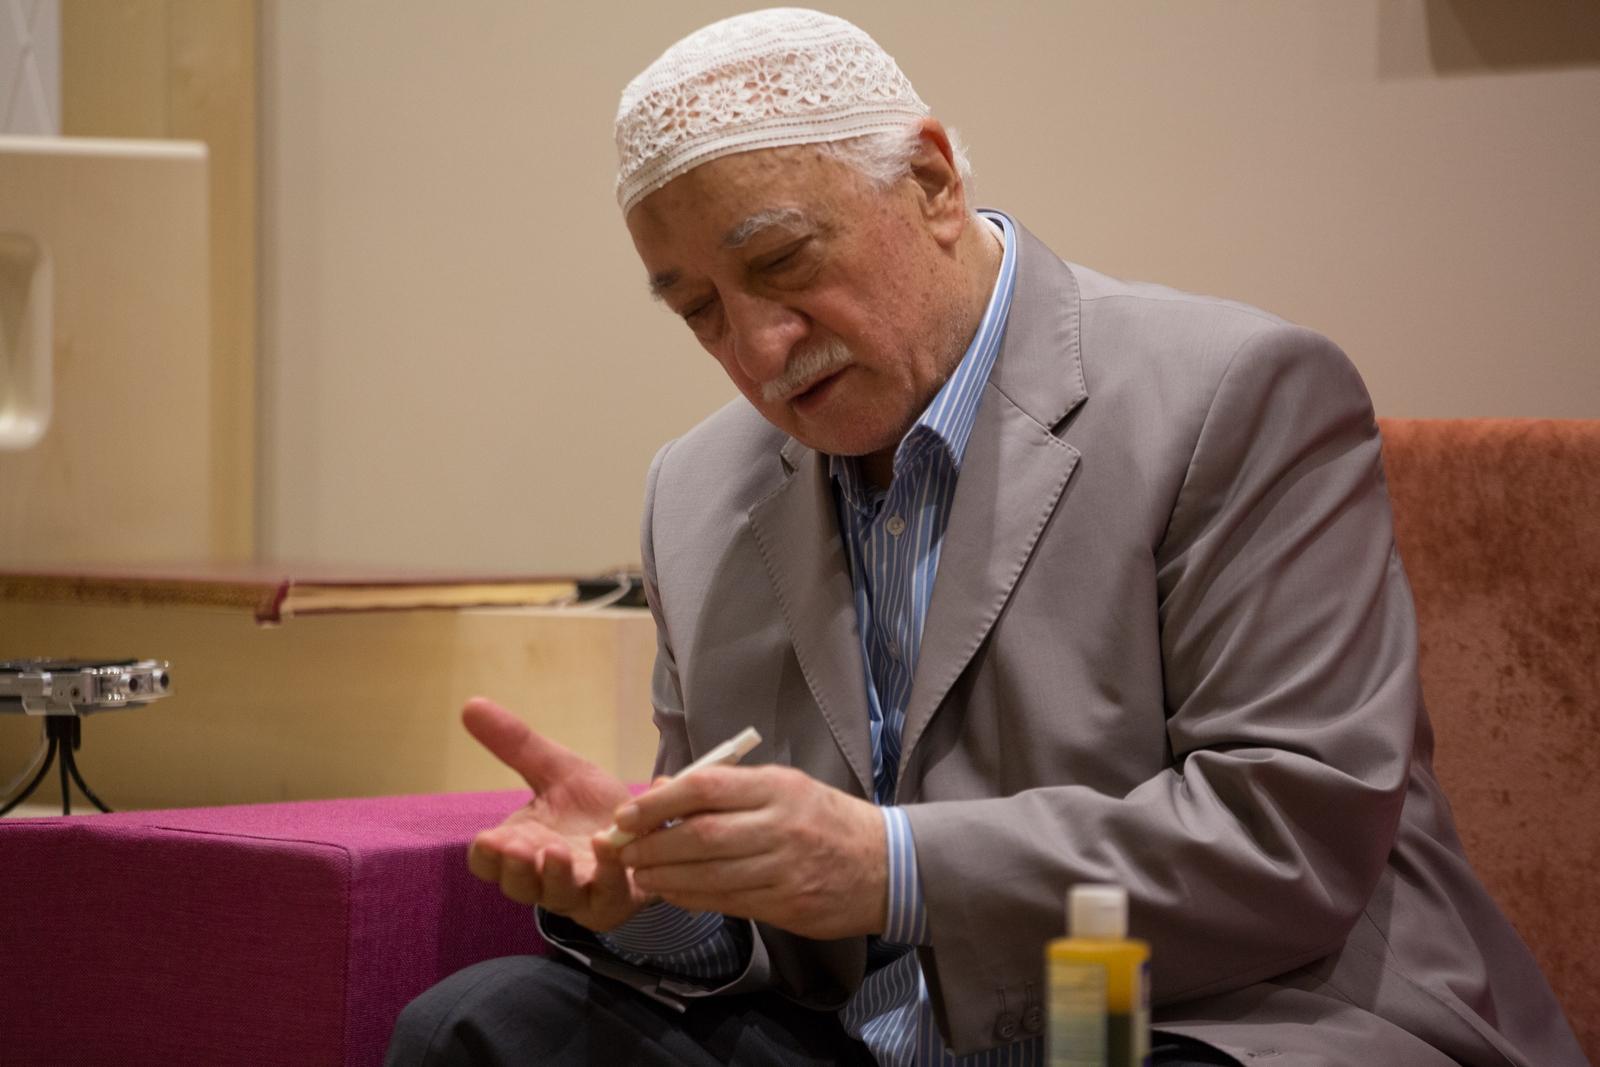 Muhterem Fethullah Gülen Hocaefendi şeker testi için parmağından kan alırken